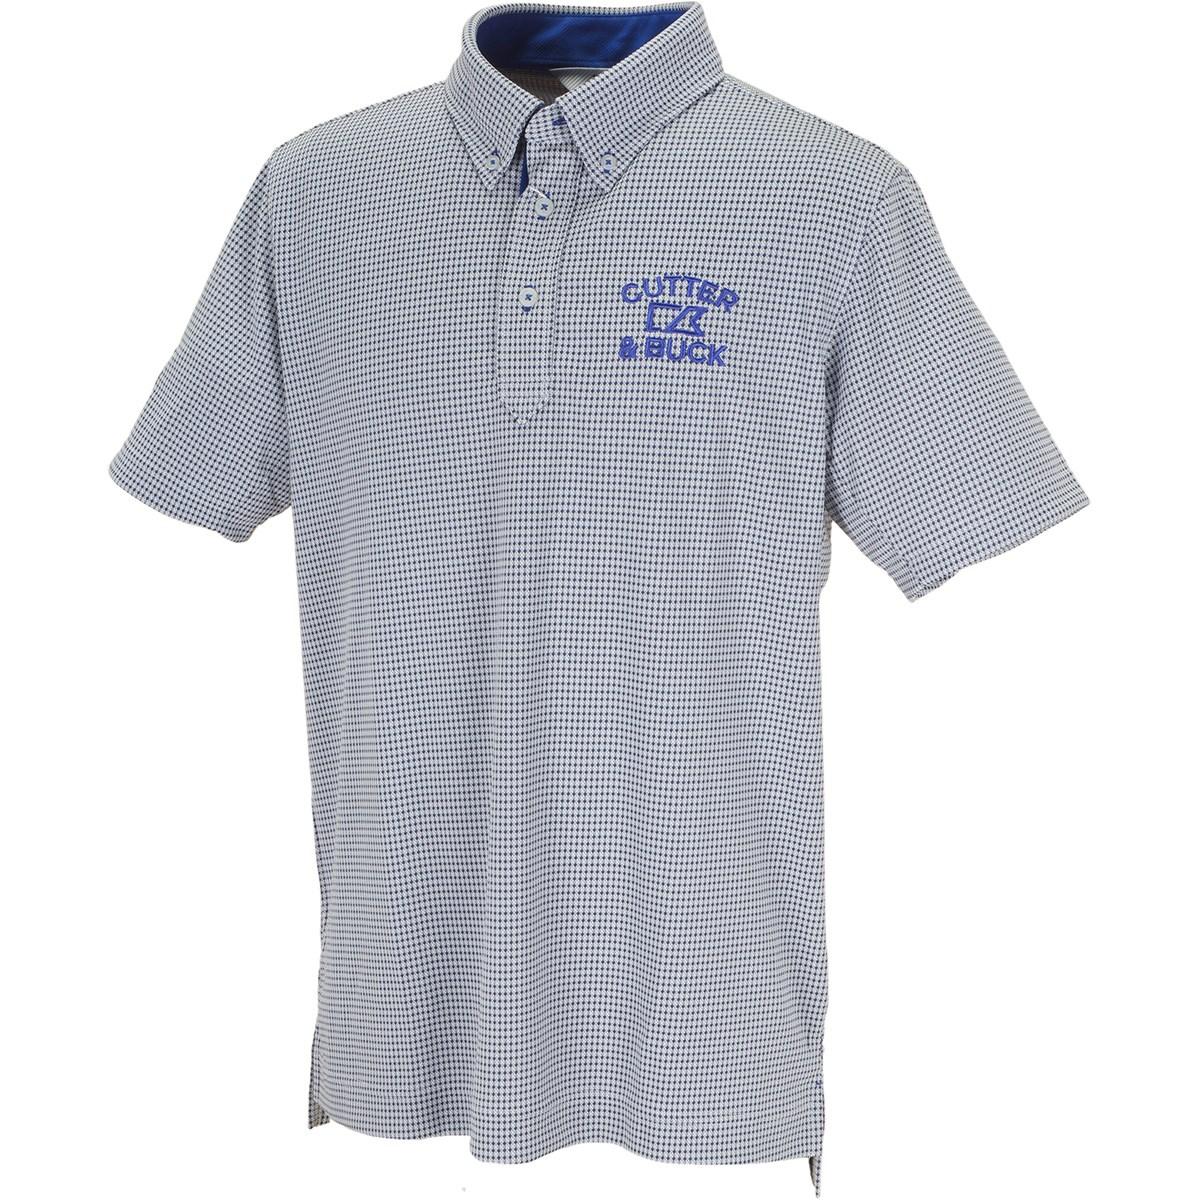 カッター&バック クーリストD-TECミニダイヤ ボタンダウンカラー半袖ニットポロシャツ